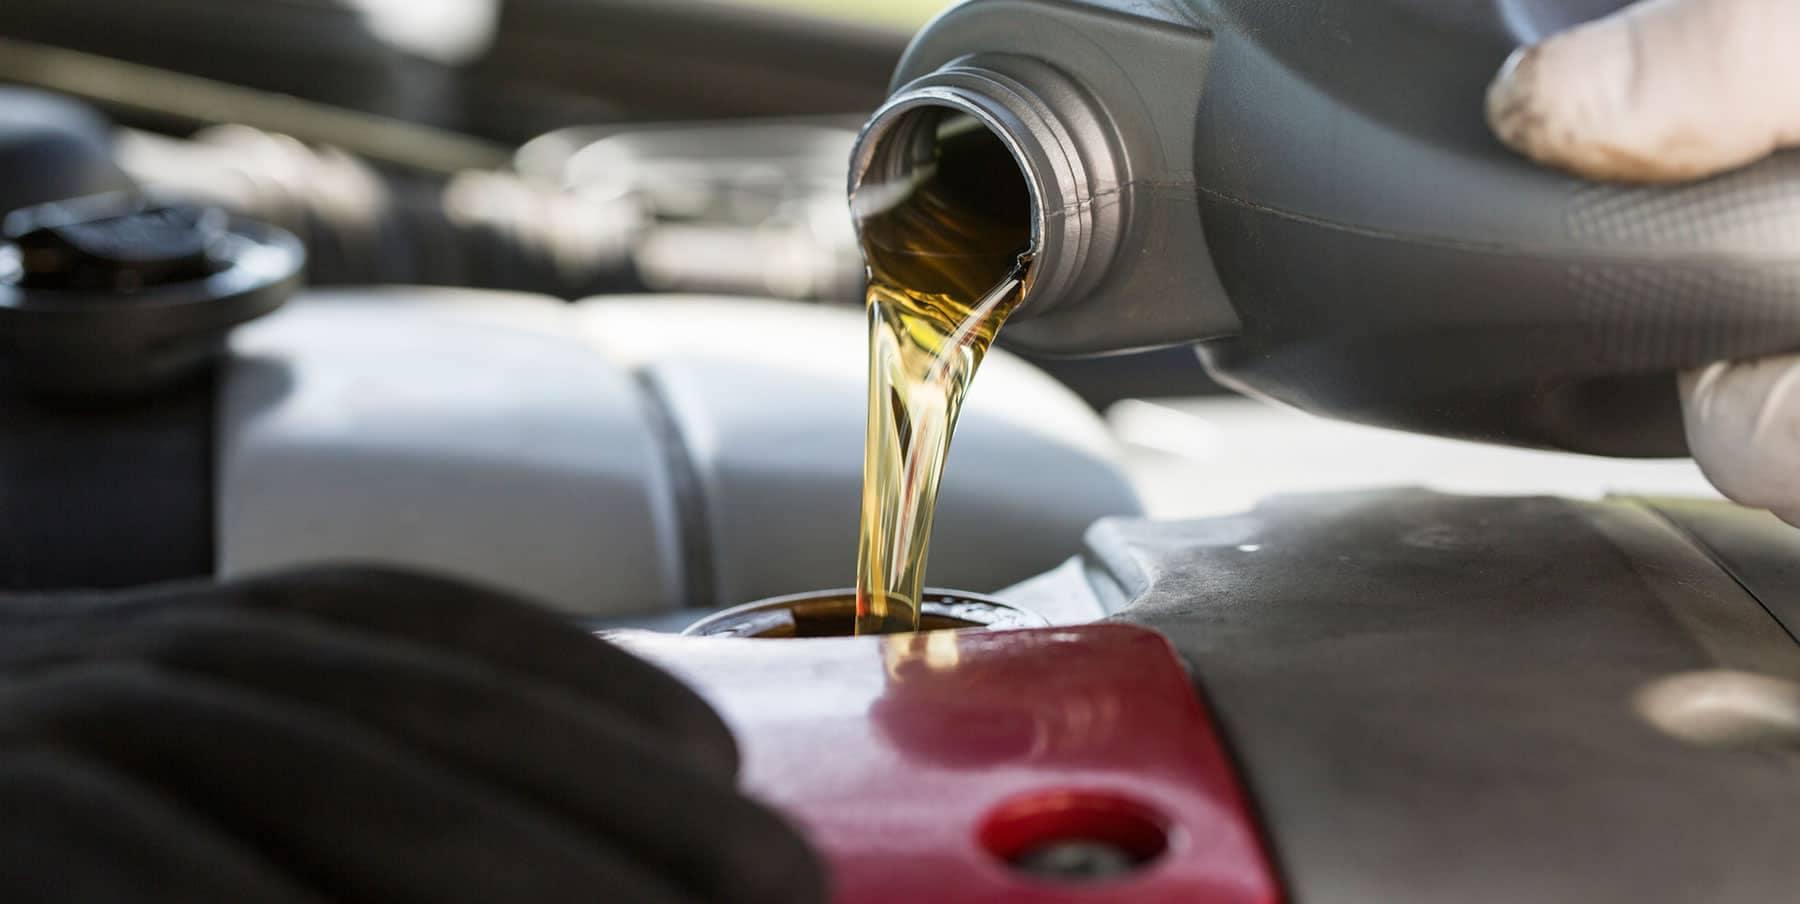 technician pours oil in car